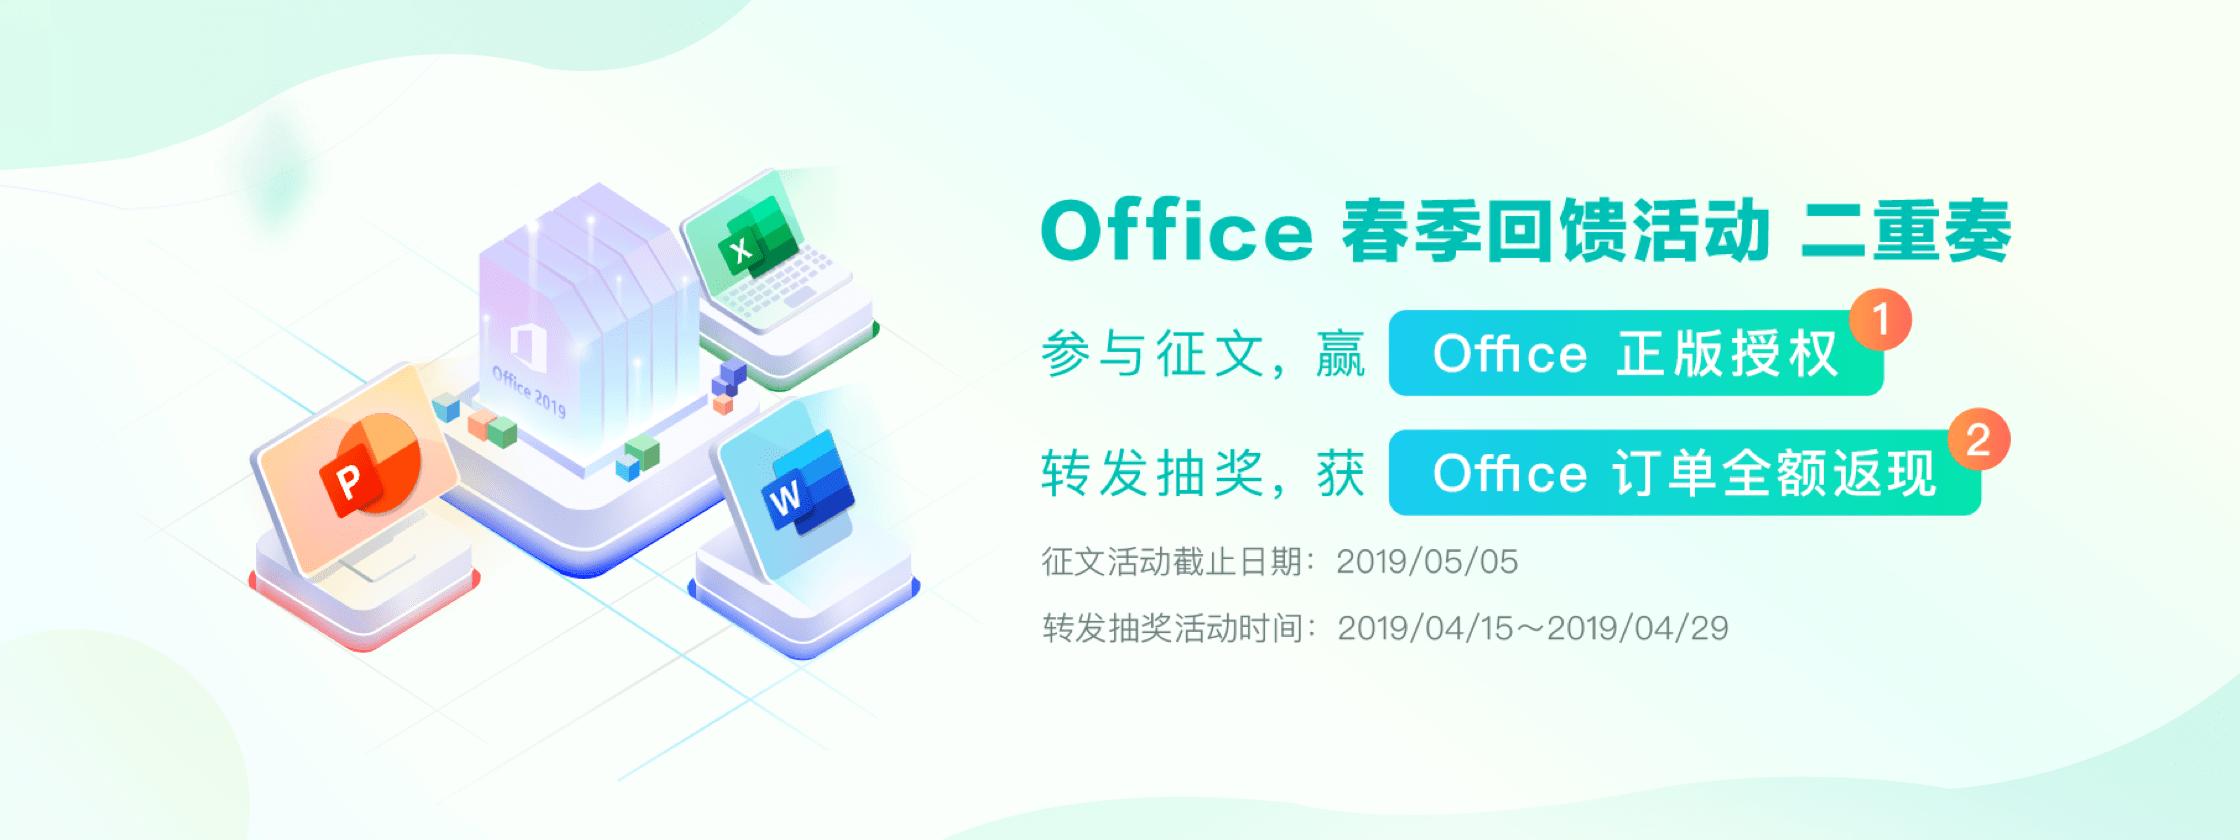 「数码荔枝」春季活动二重奏:优惠 & 返现大礼,让你与正版 Office 更近一步